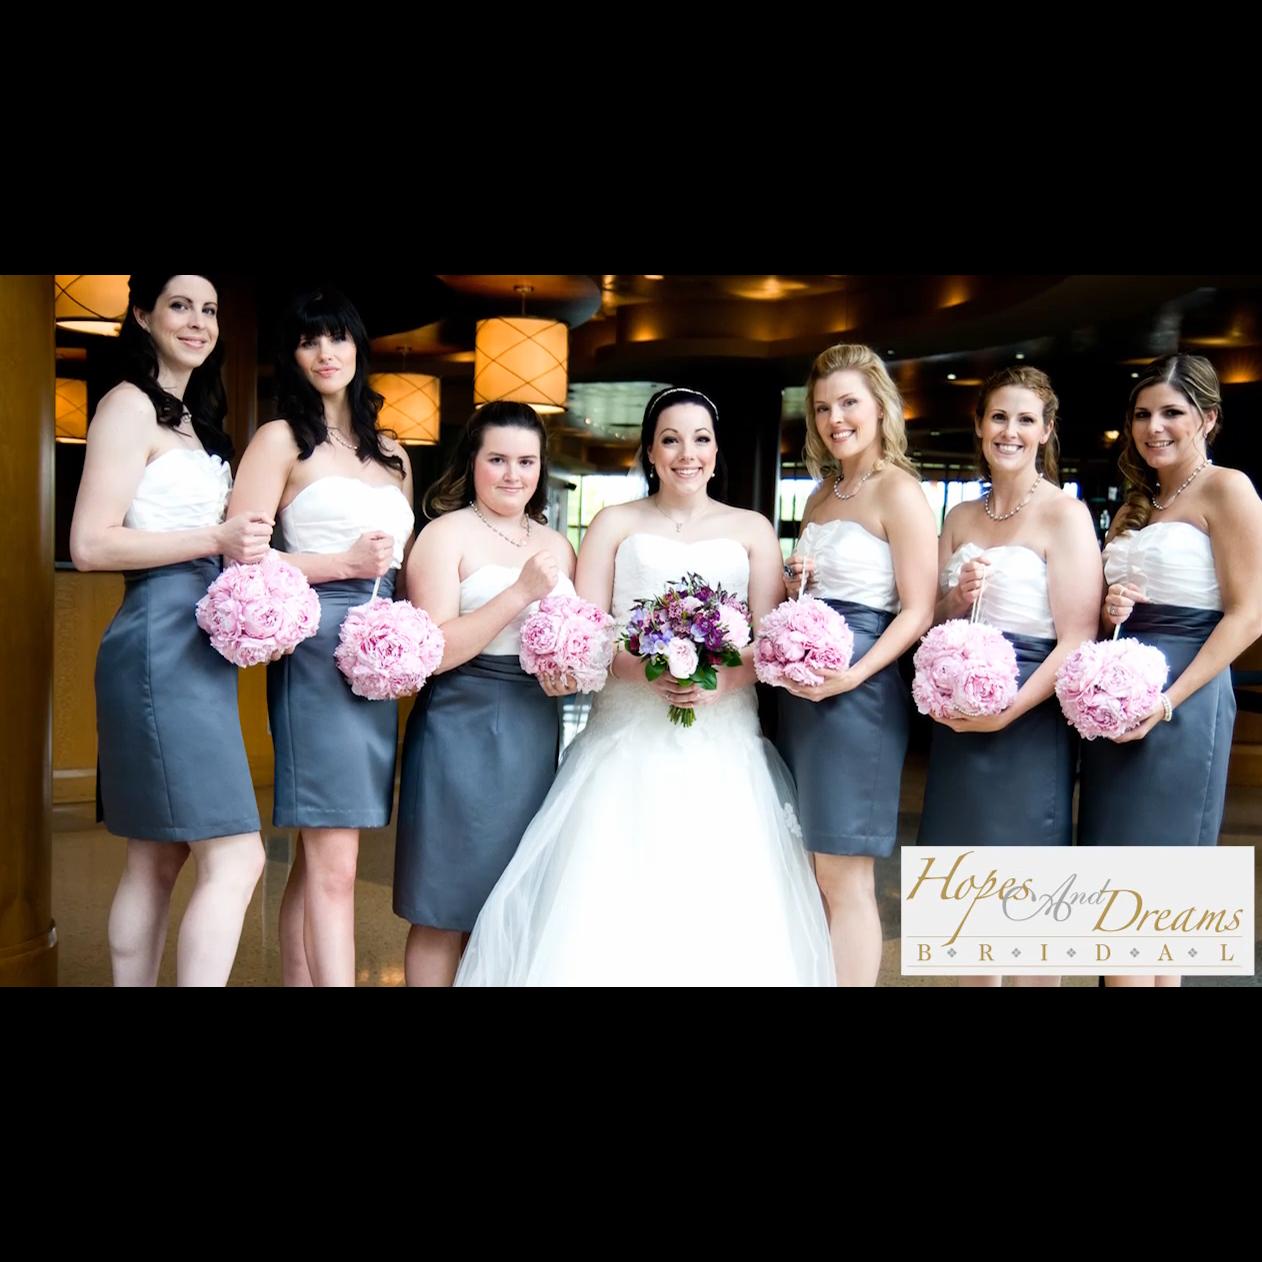 Hopes And Dreams Bridal - Bridal Shops - 613-226-5950